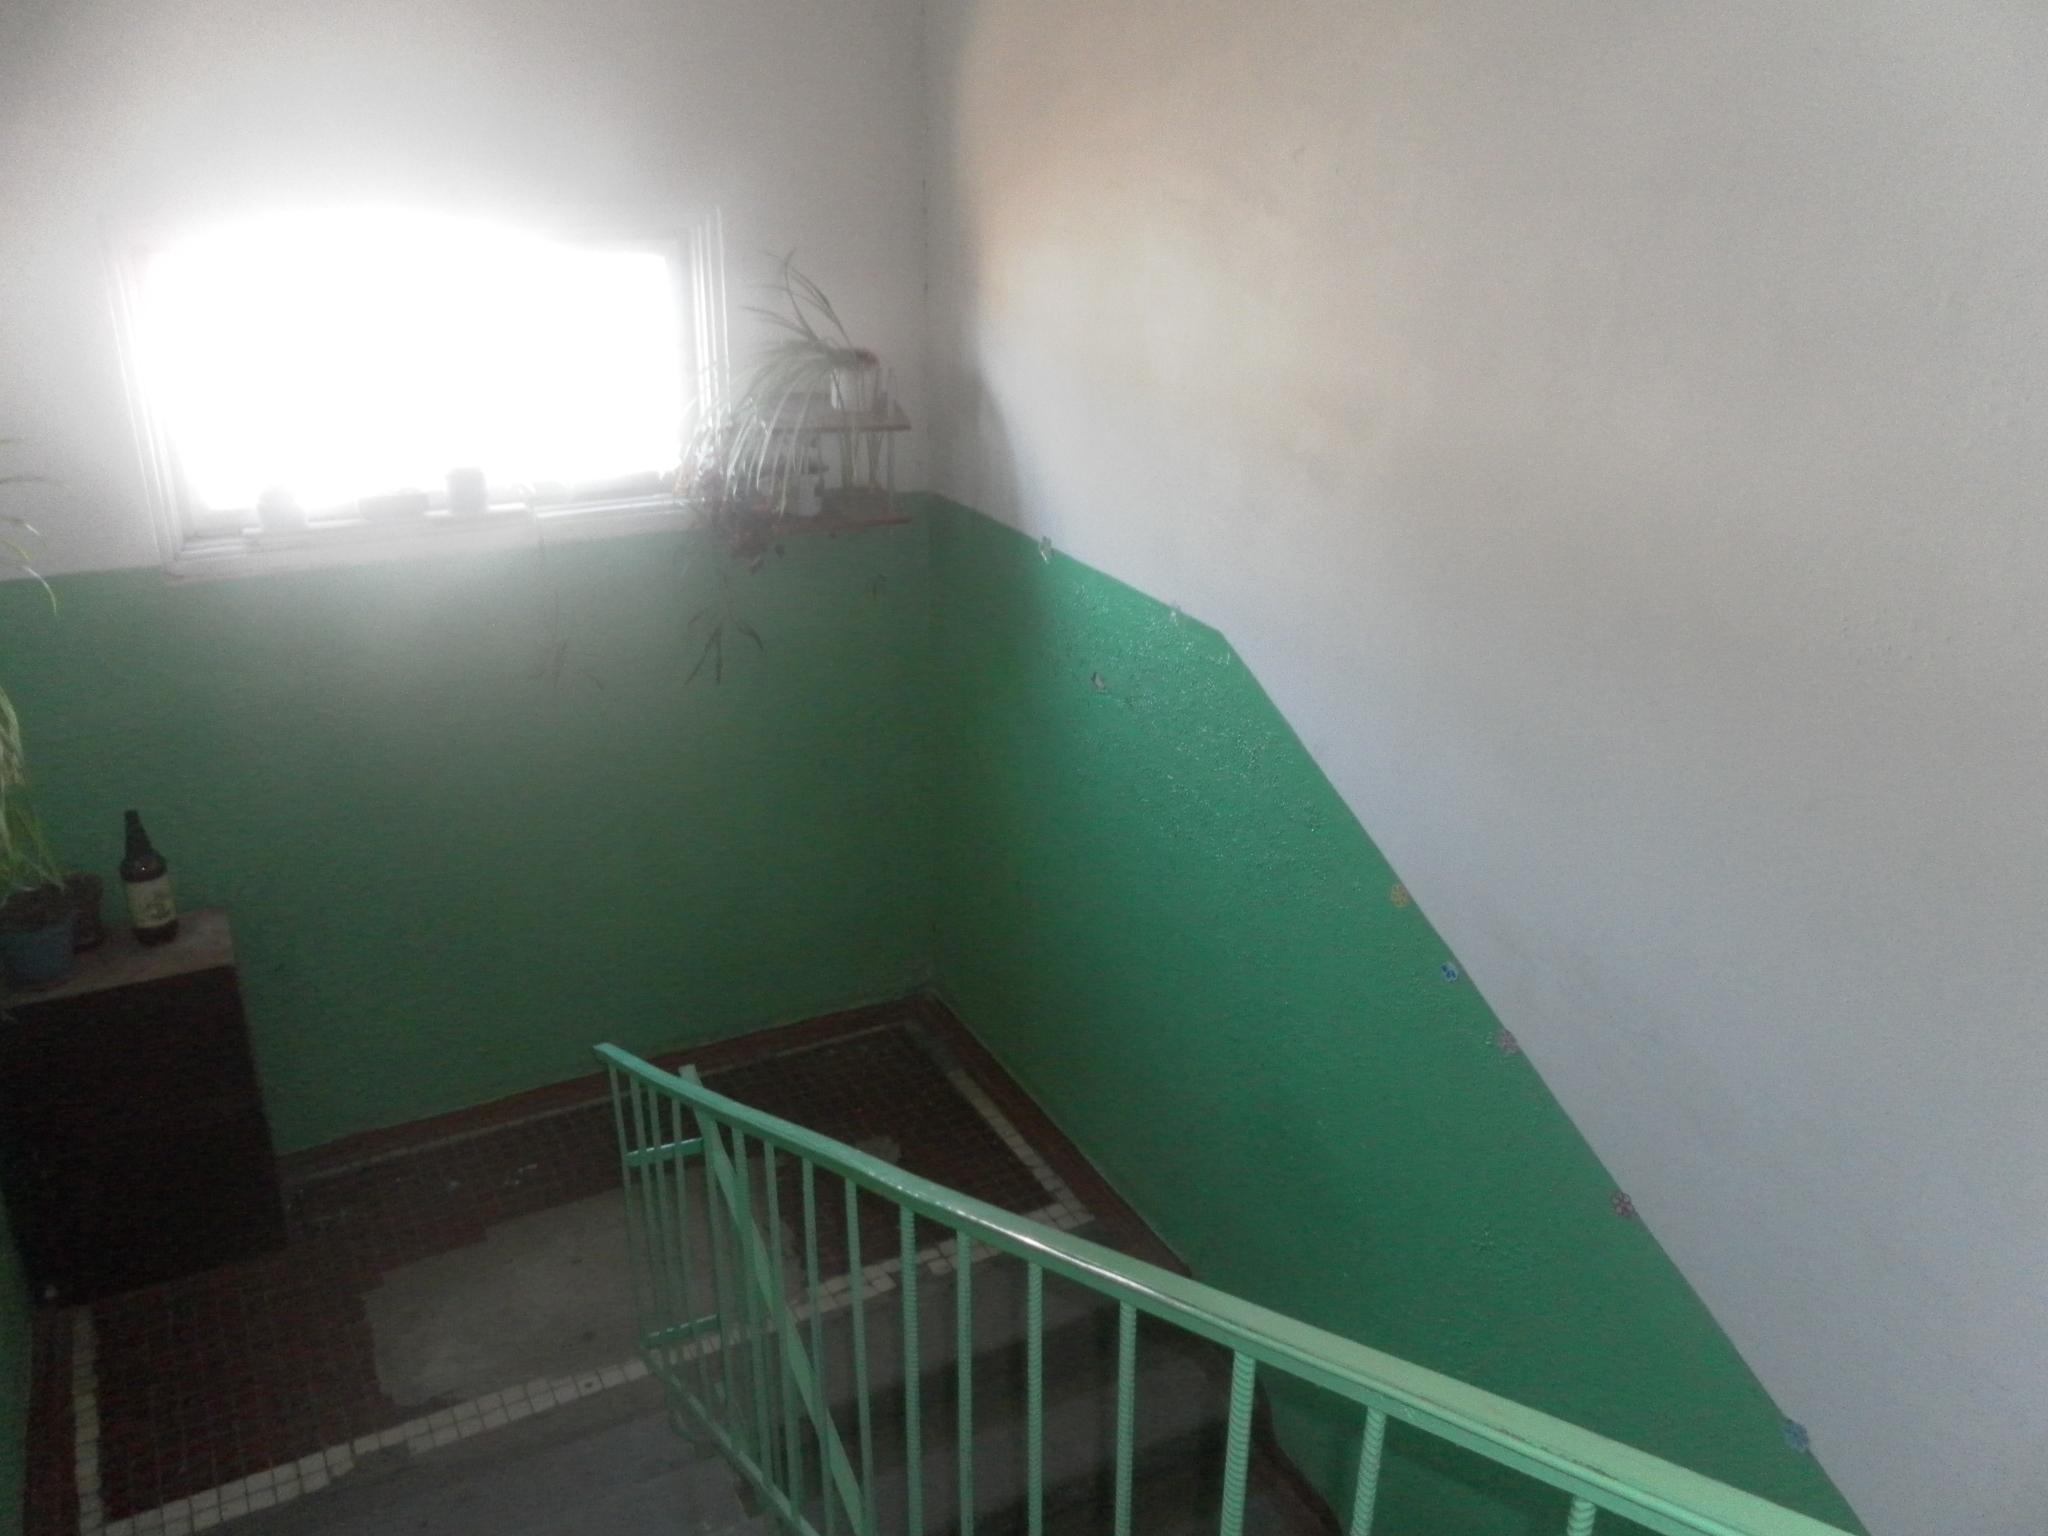 Комната 13 кв.м - Рижский пр., д. 39